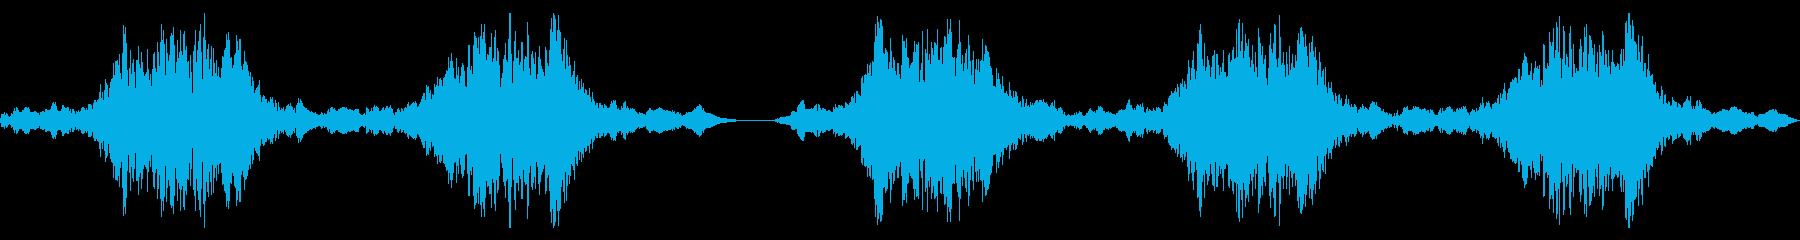 ホラーバーキングゴーストスウェルズの再生済みの波形